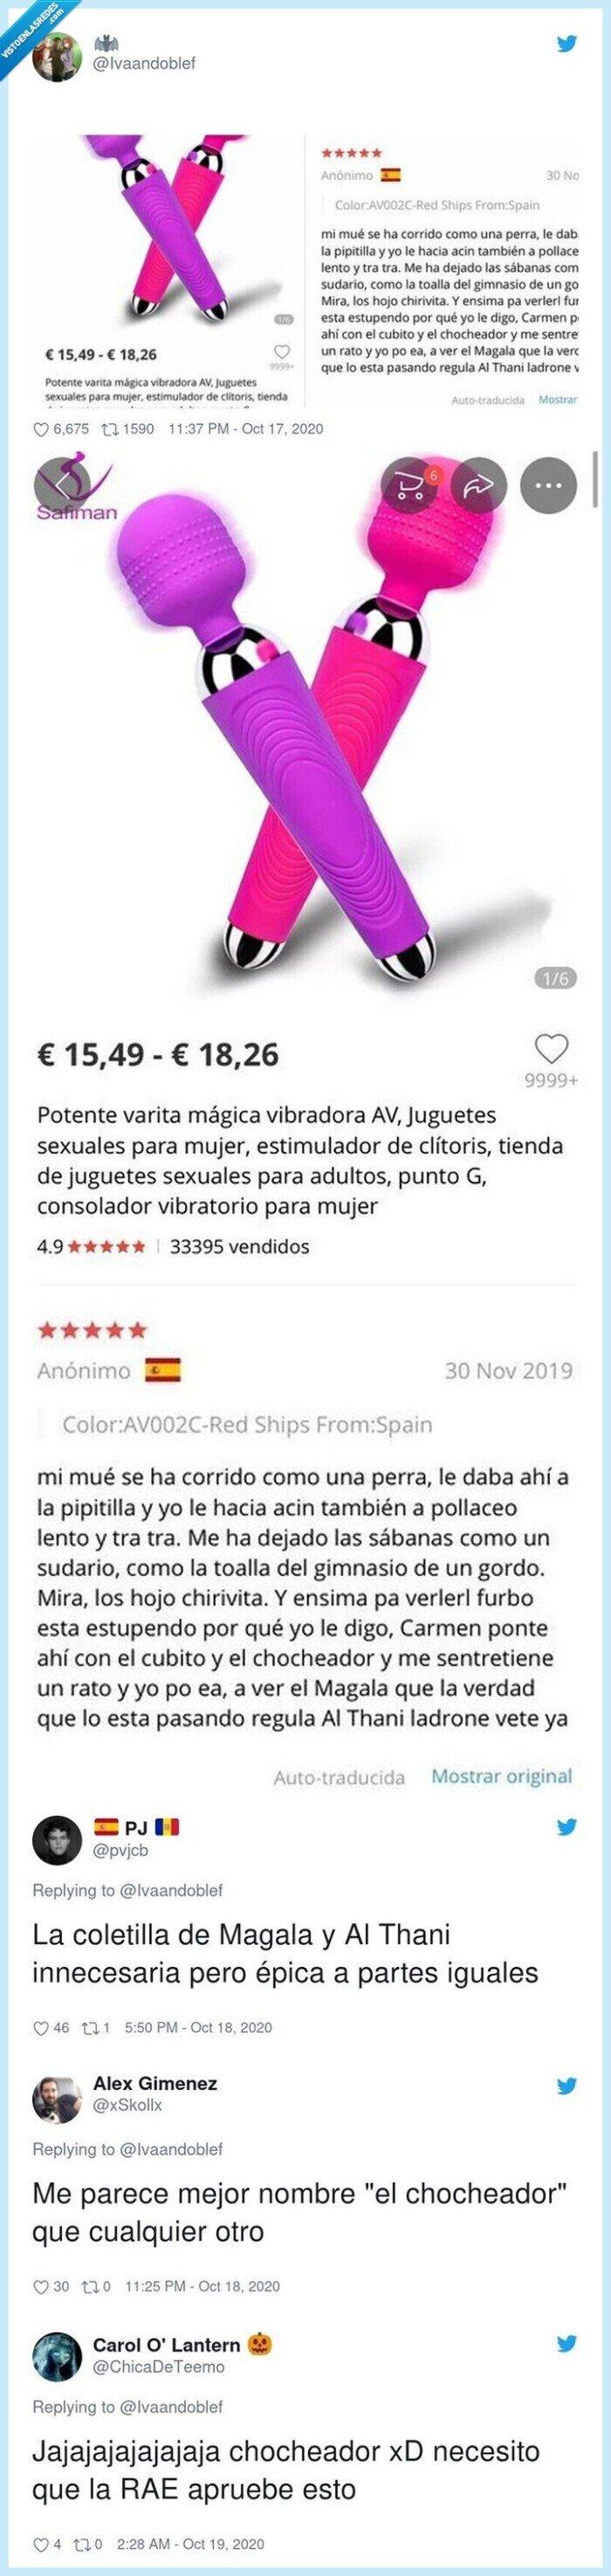 comentario,malaga,marido,mujer,review,sexual,varita